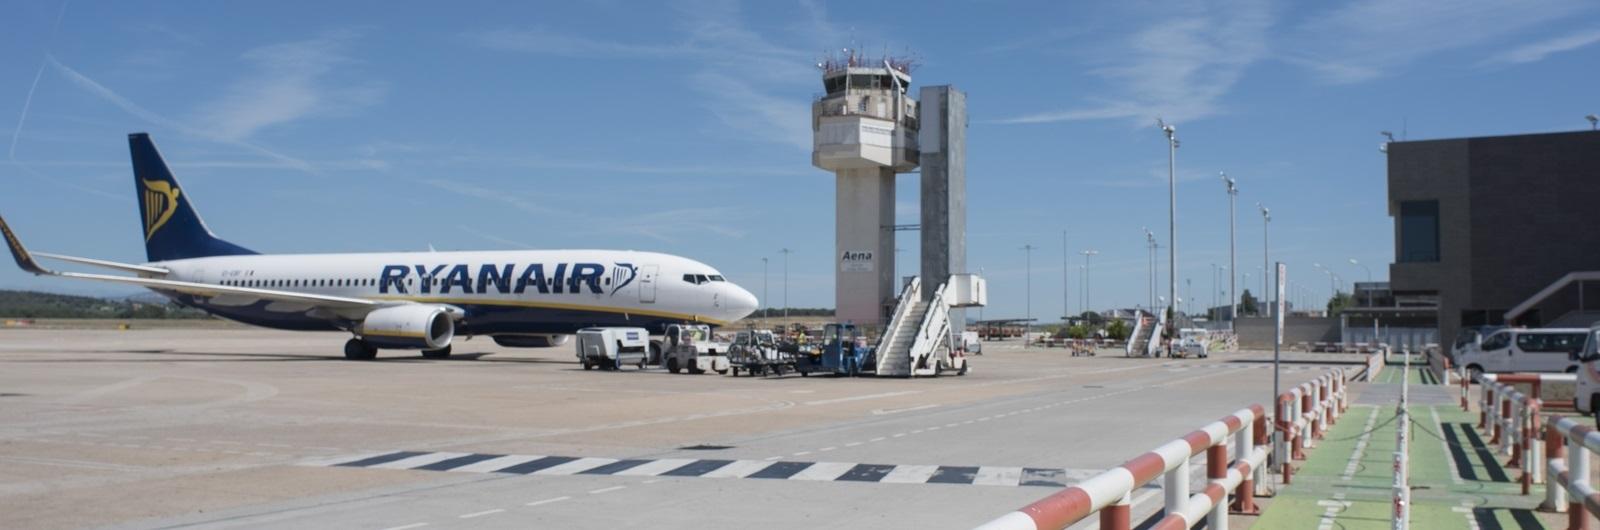 girona airport header